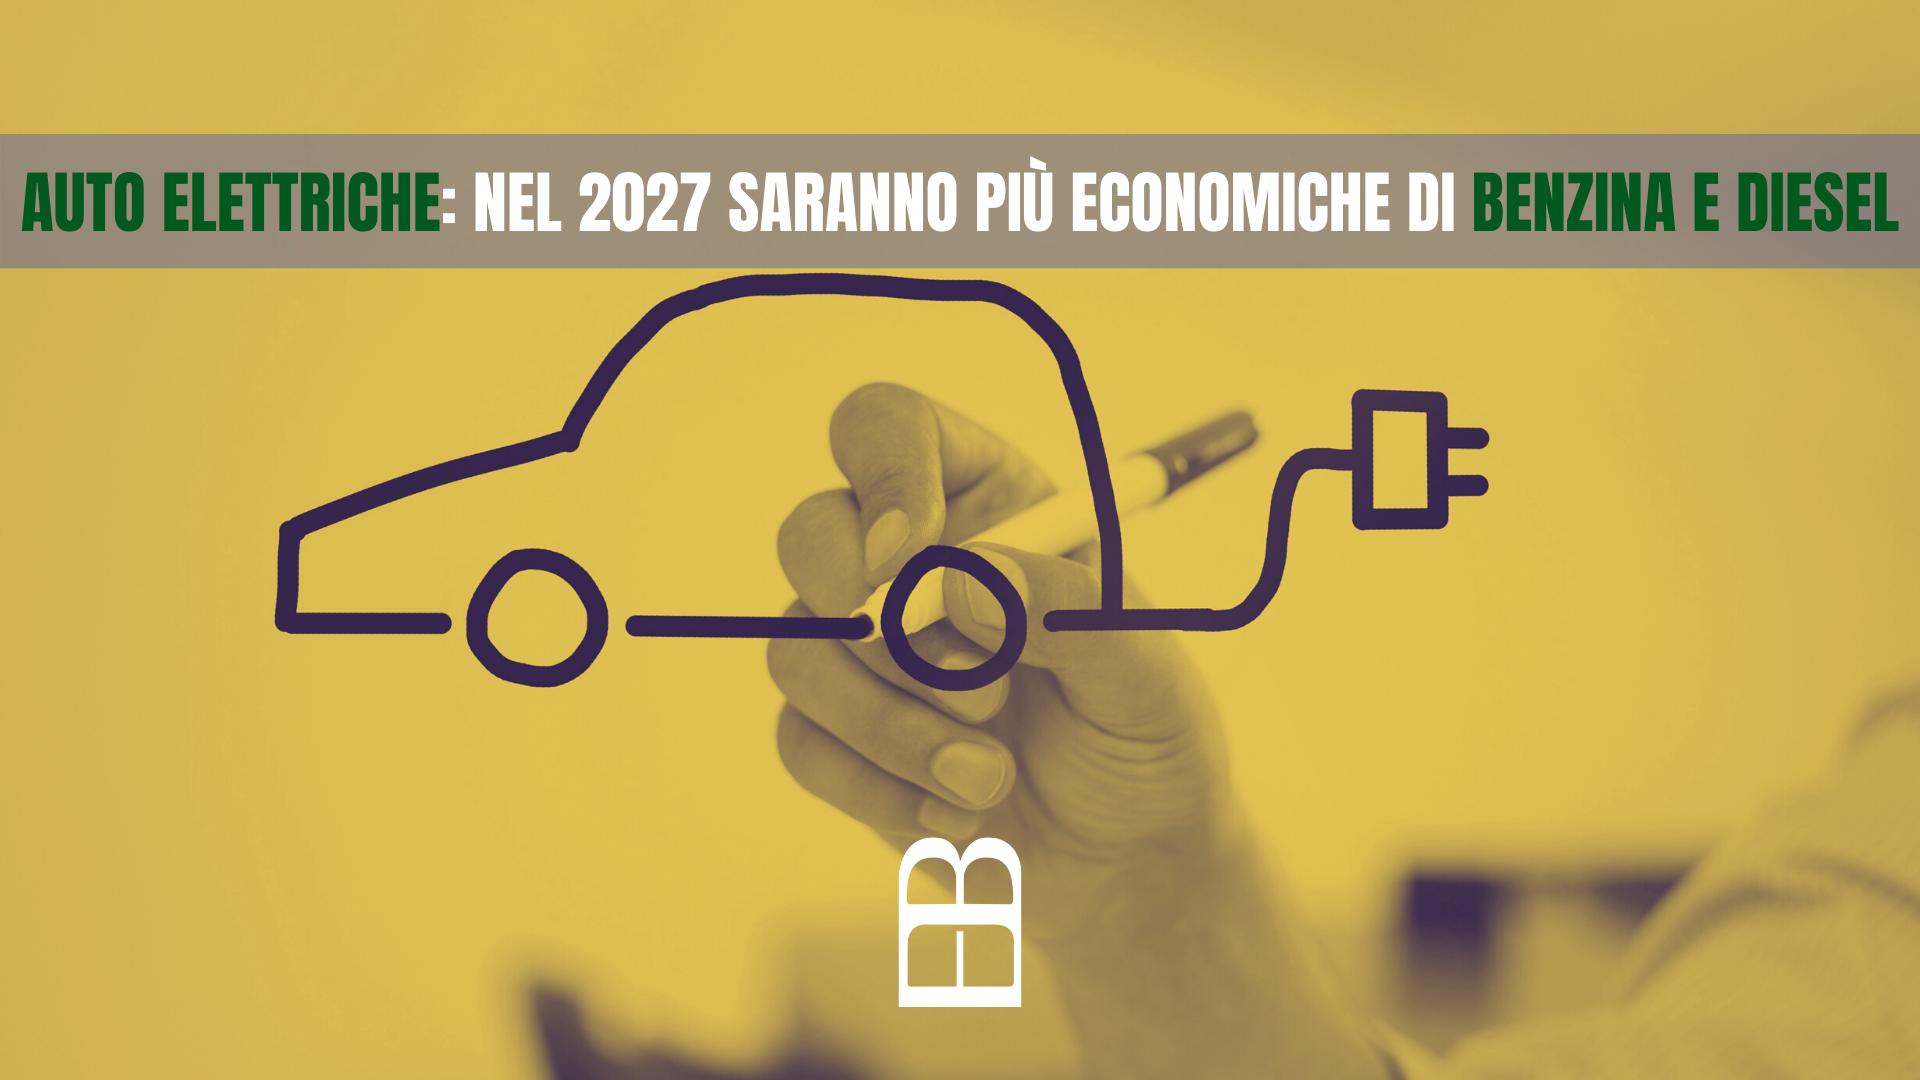 Auto elettriche nel 2027 saranno più economiche di benzina e diese